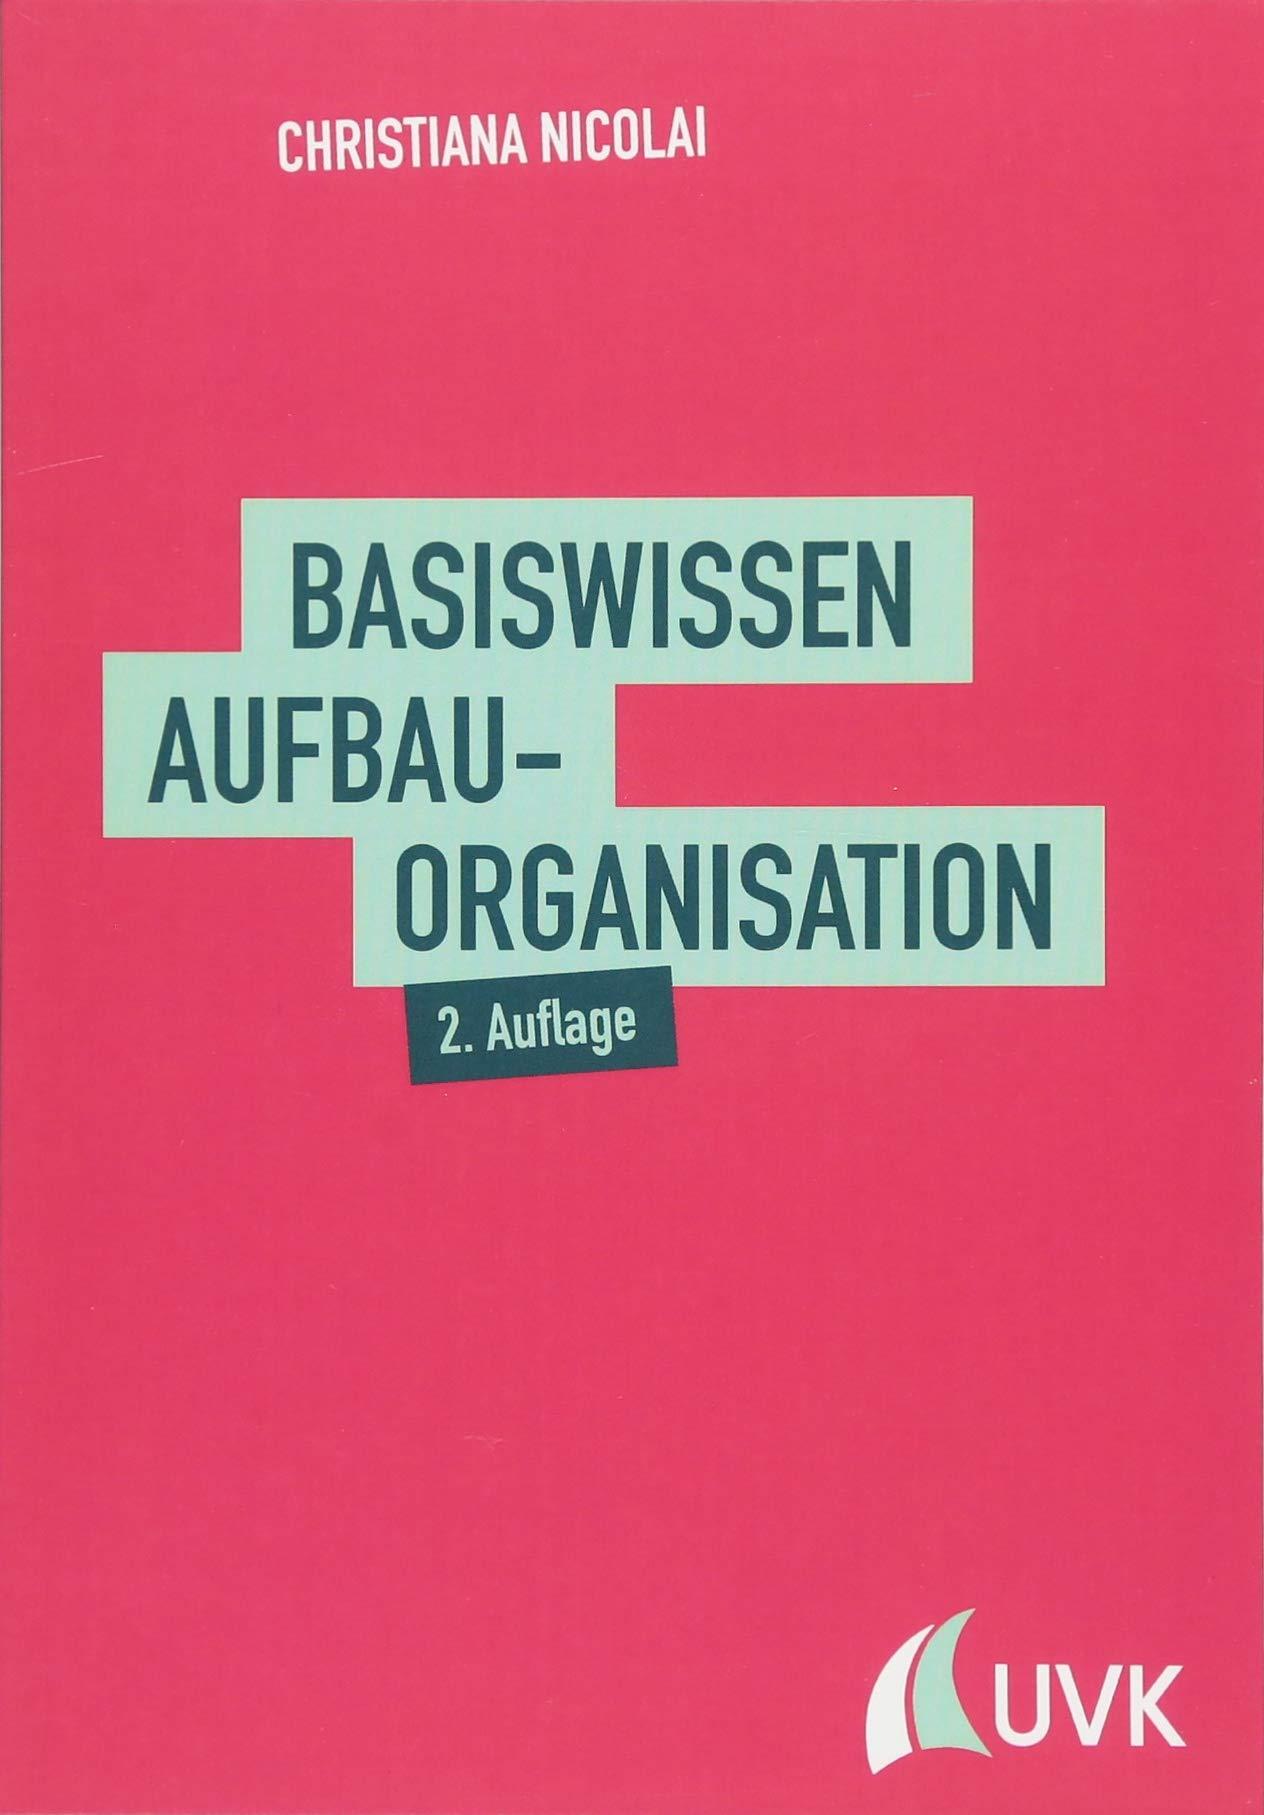 Basiswissen Aufbauorganisation Taschenbuch – 14. Mai 2018 Christiana Nicolai UVK Verlag 3867648352 Betriebswirtschaft